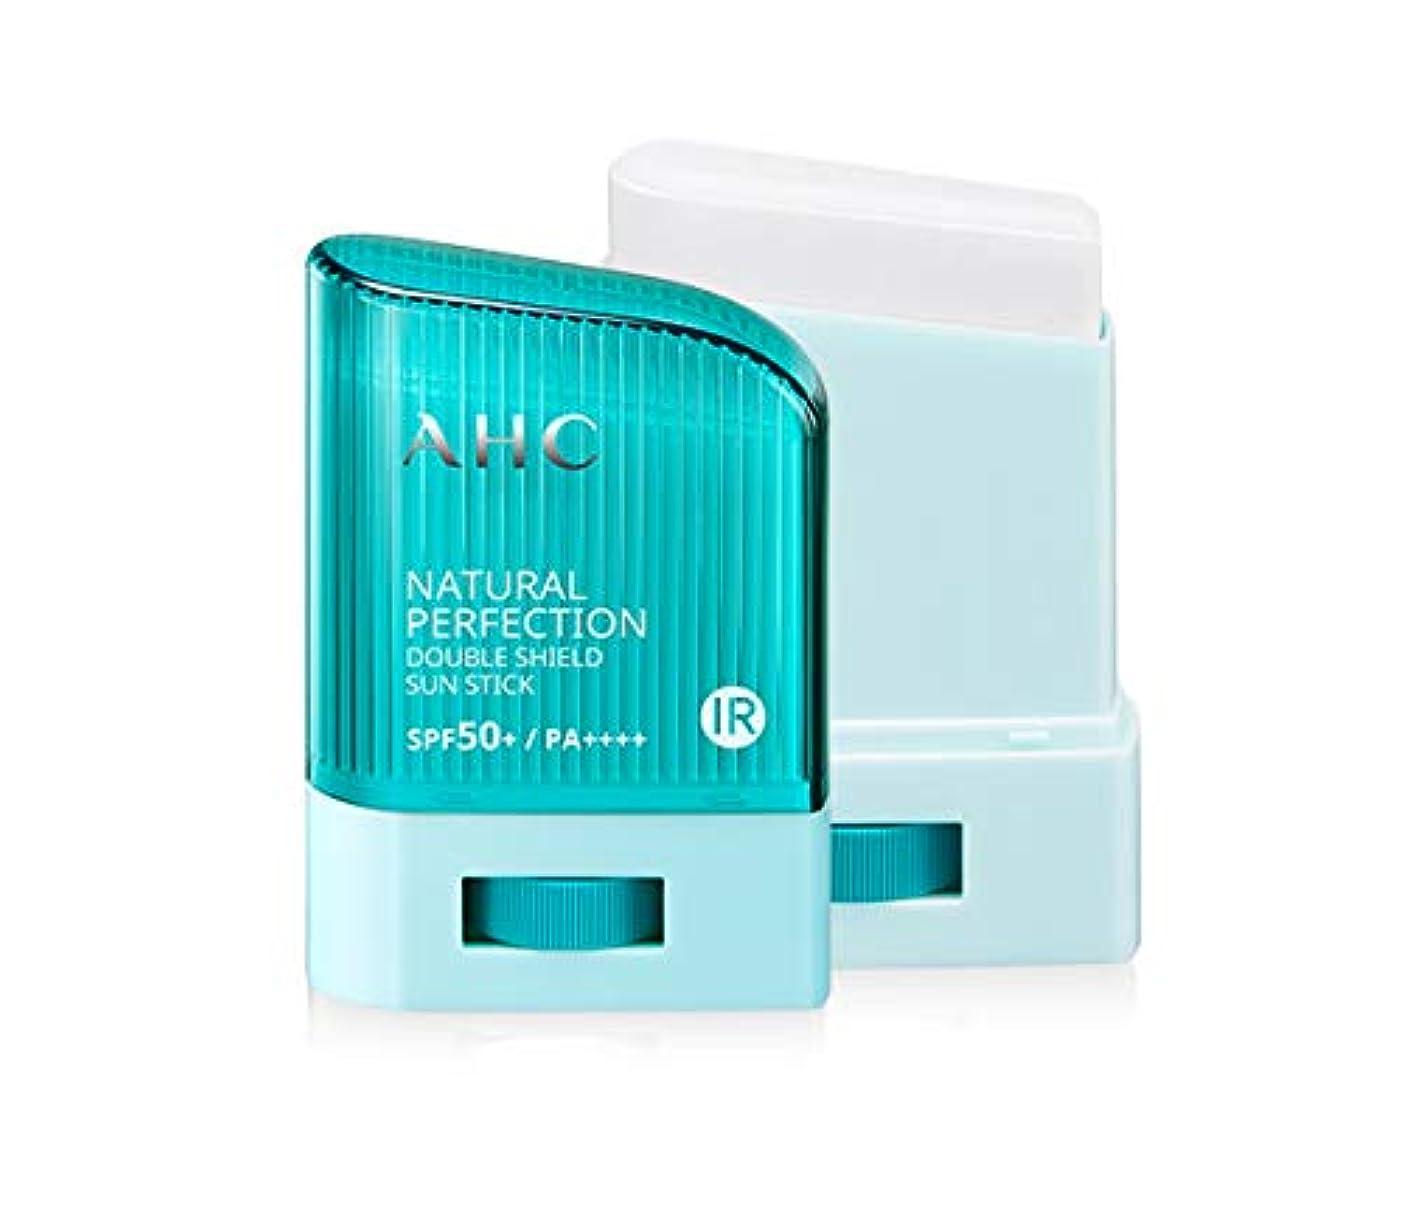 遅らせる吸収近代化するAHC ナチュラルパーフェクションダブルシールドサンスティック ブルー Natural Perfection Double Shield Sun Stick BLUE [並行輸入品] (14g)